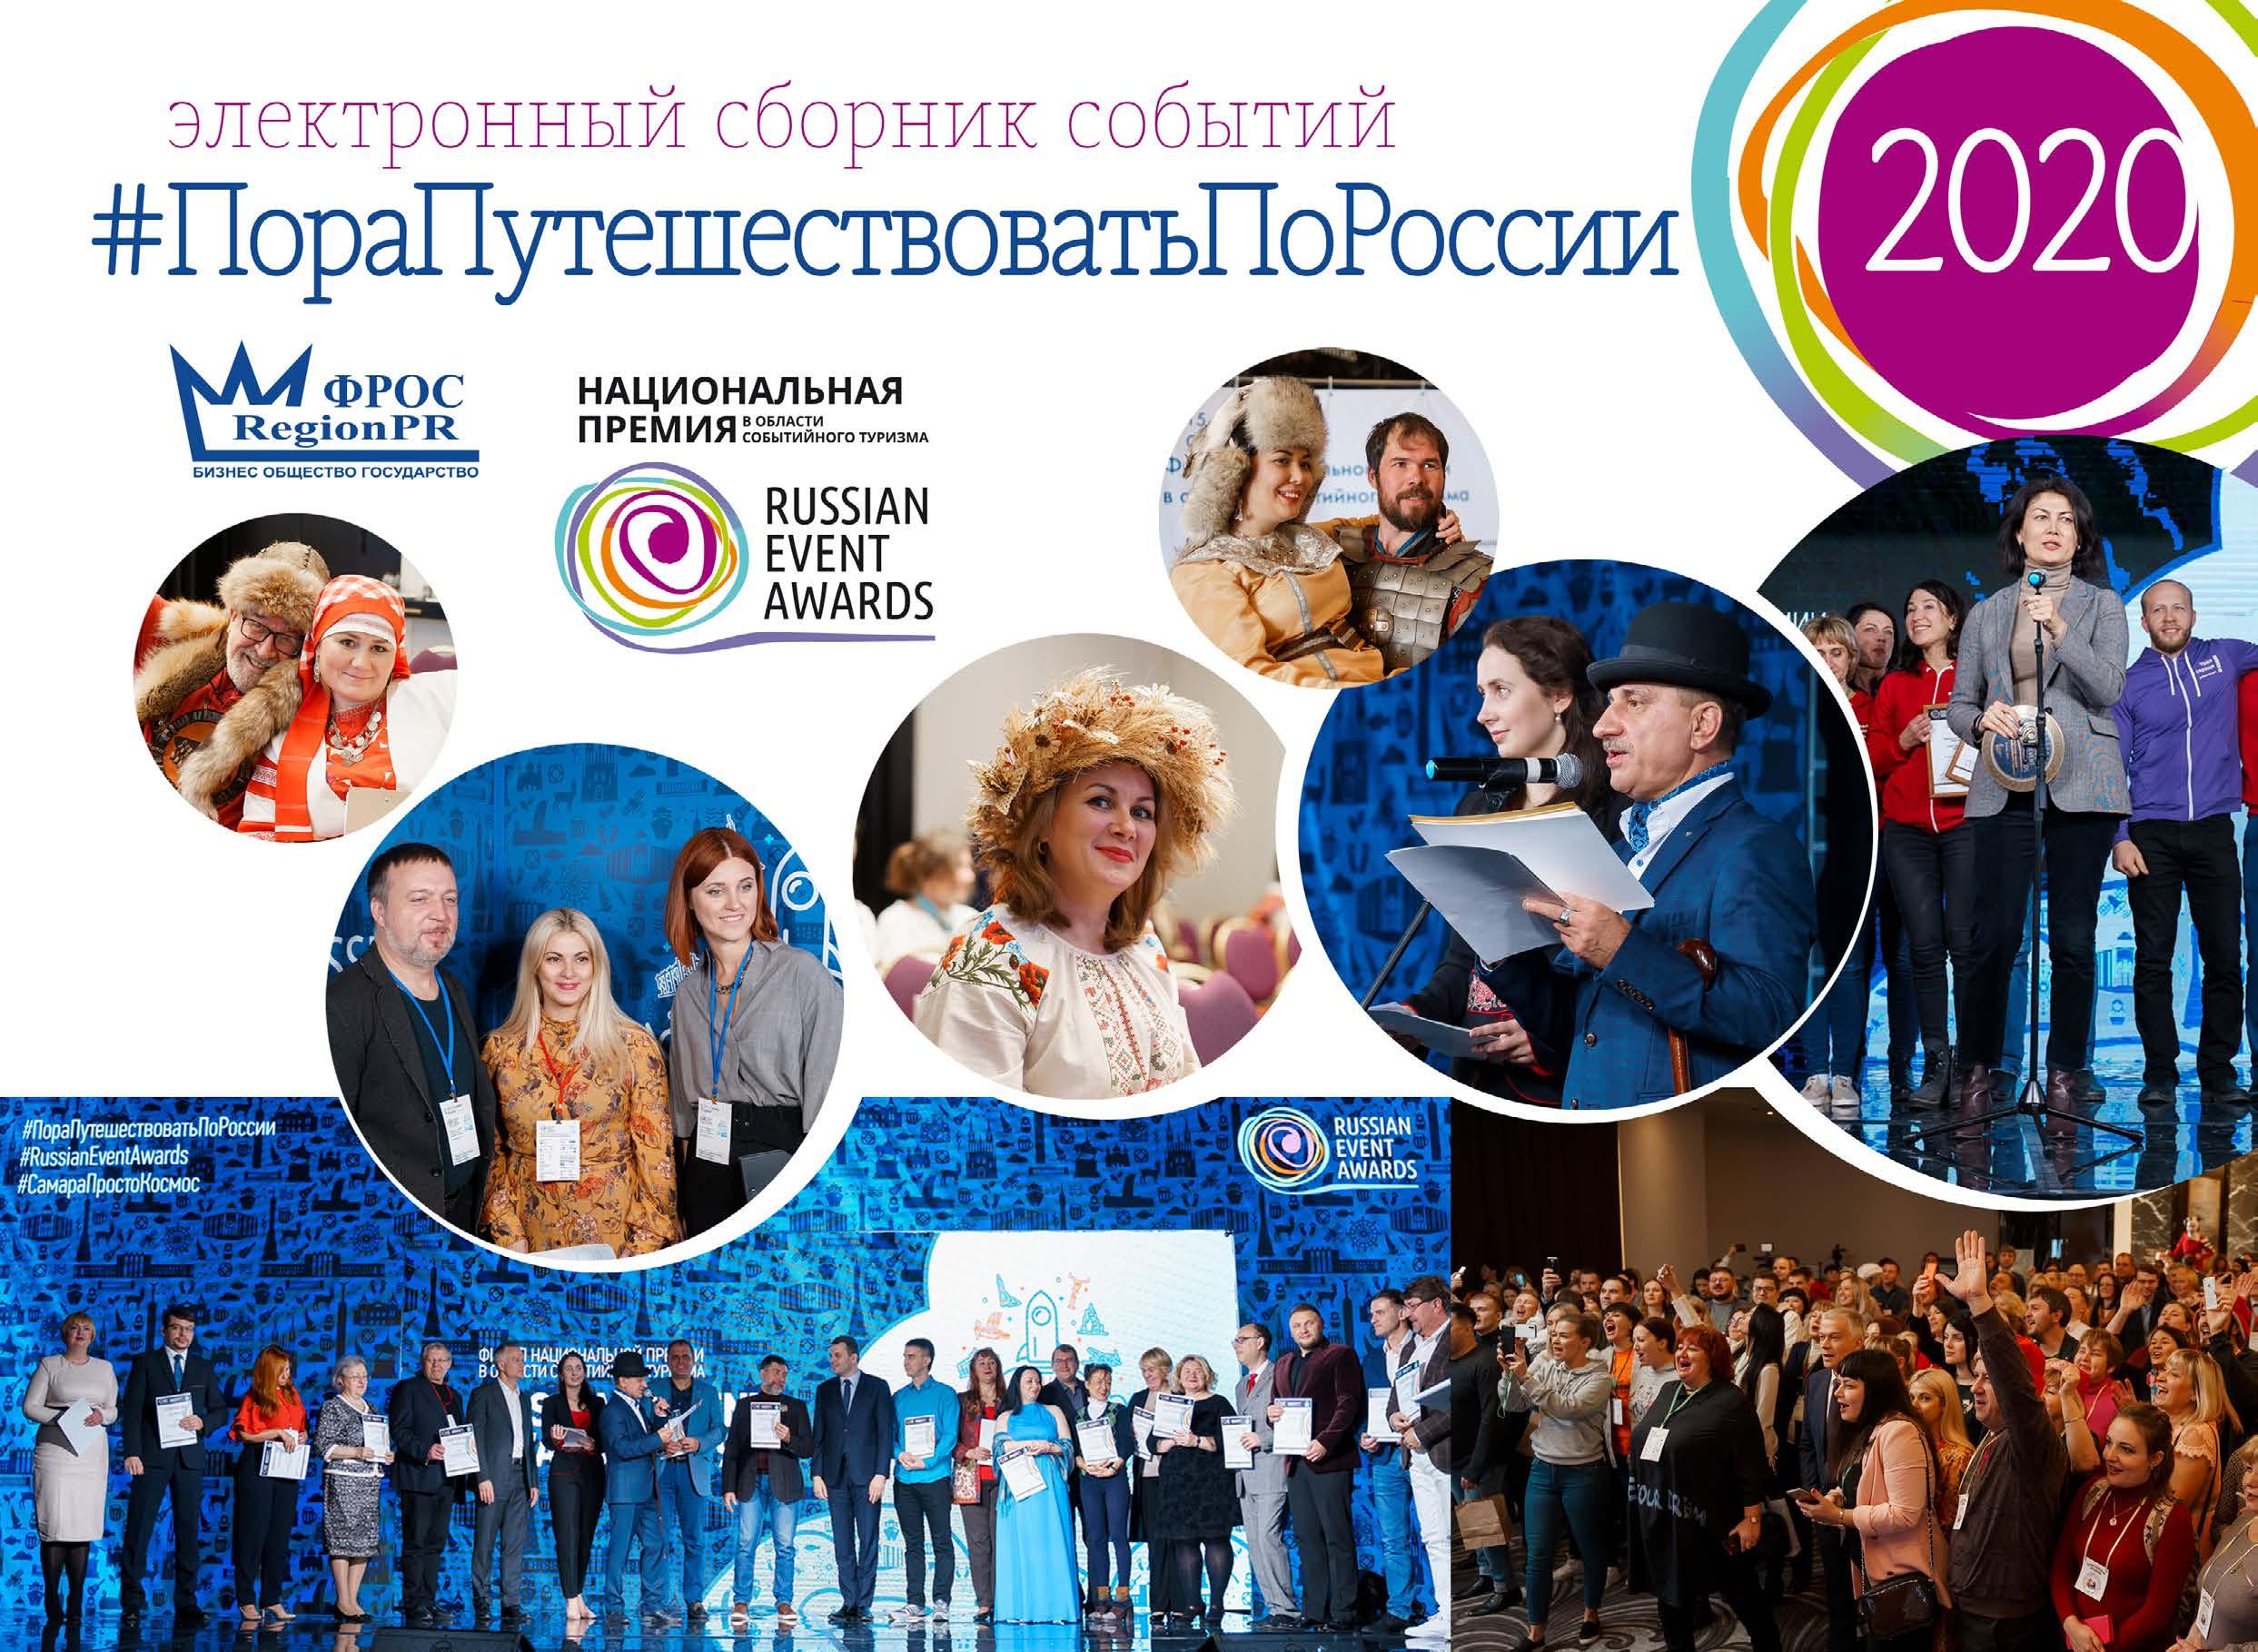 Два туристических события Нижнего Новгорода вошли в электронный сборник для путешественников